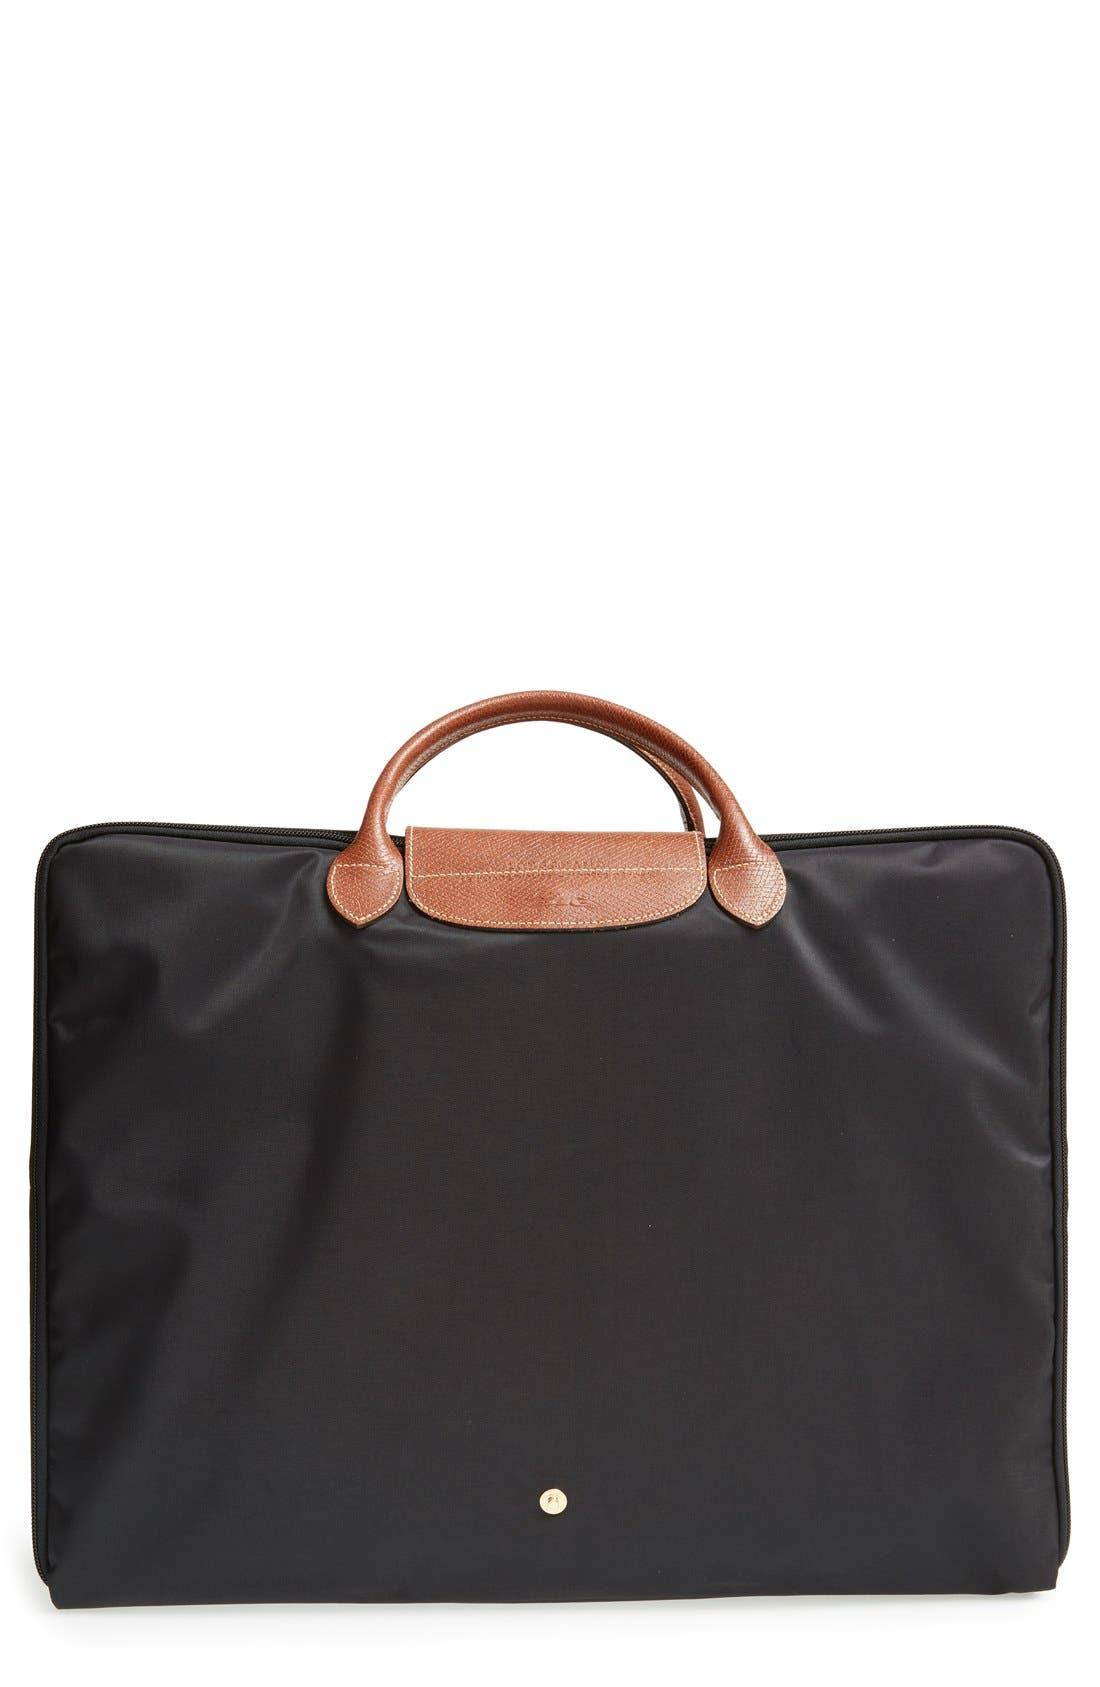 'Le Pliage' Duffel Bag, Main, color, 001